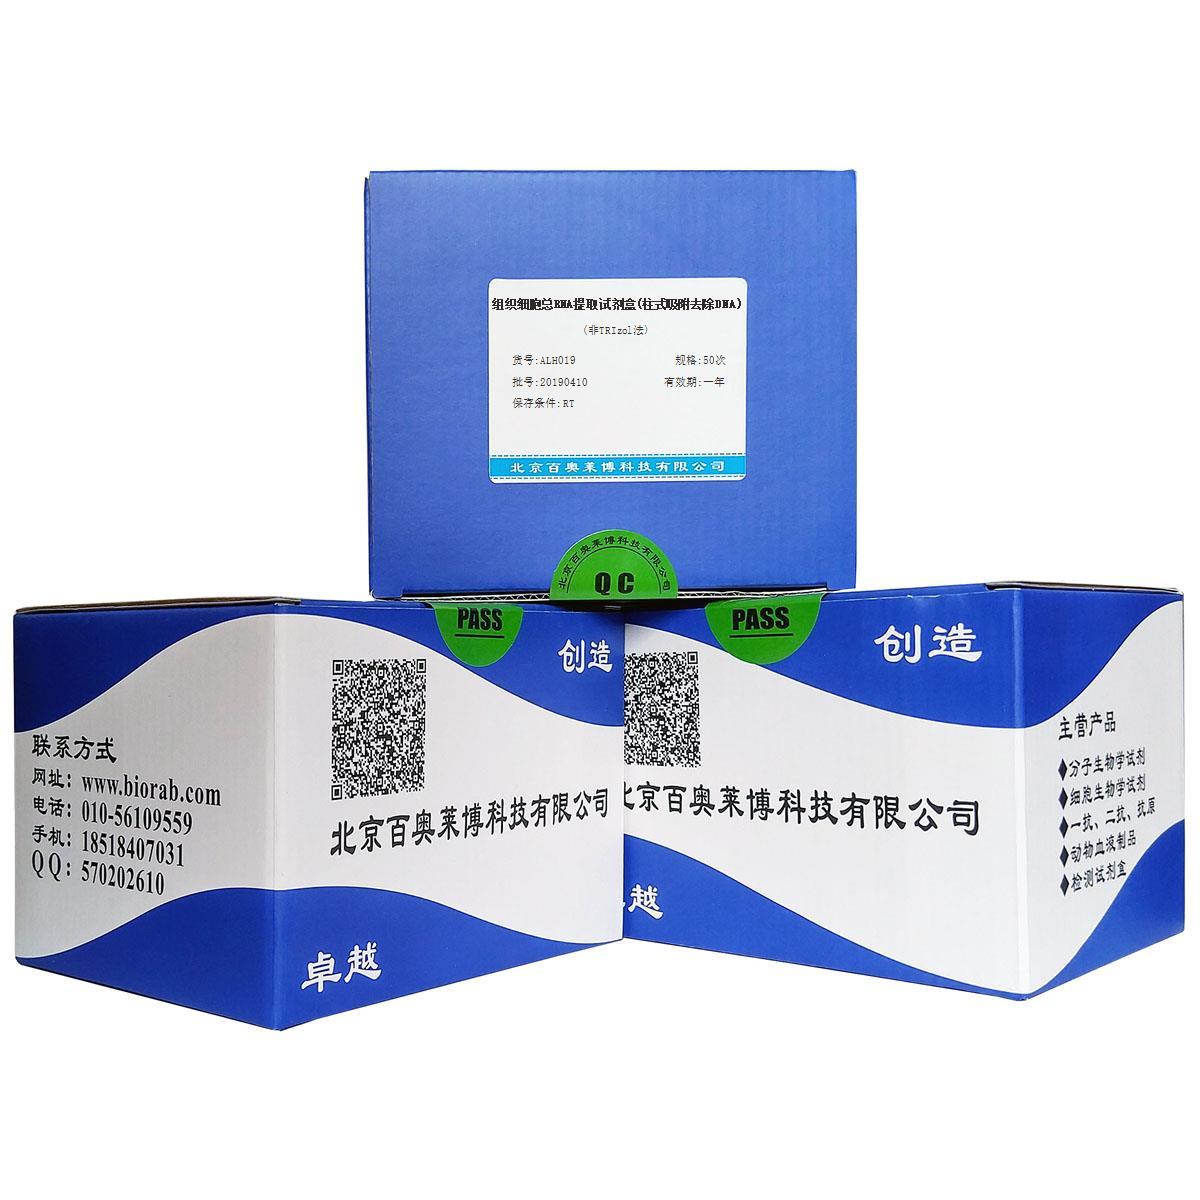 组织细胞总RNA提取试剂盒(柱式吸附去除DNA)(非TRIzol法)